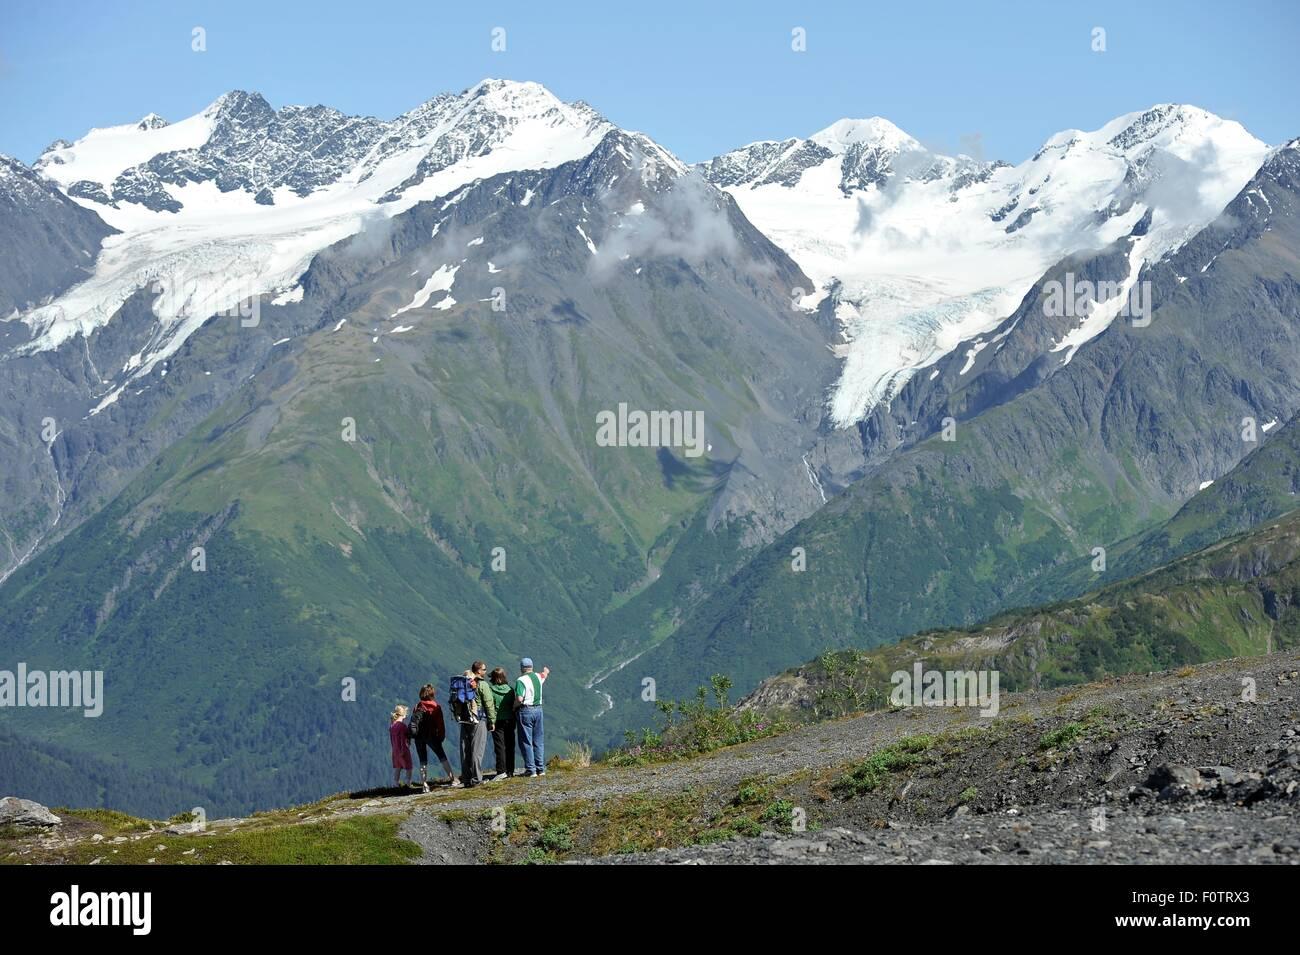 Group of people looking at view, Mighty Might Trail, Alyeska Resort, Winner Creek Valley, Turnagain Arm, Girdwood, - Stock Image